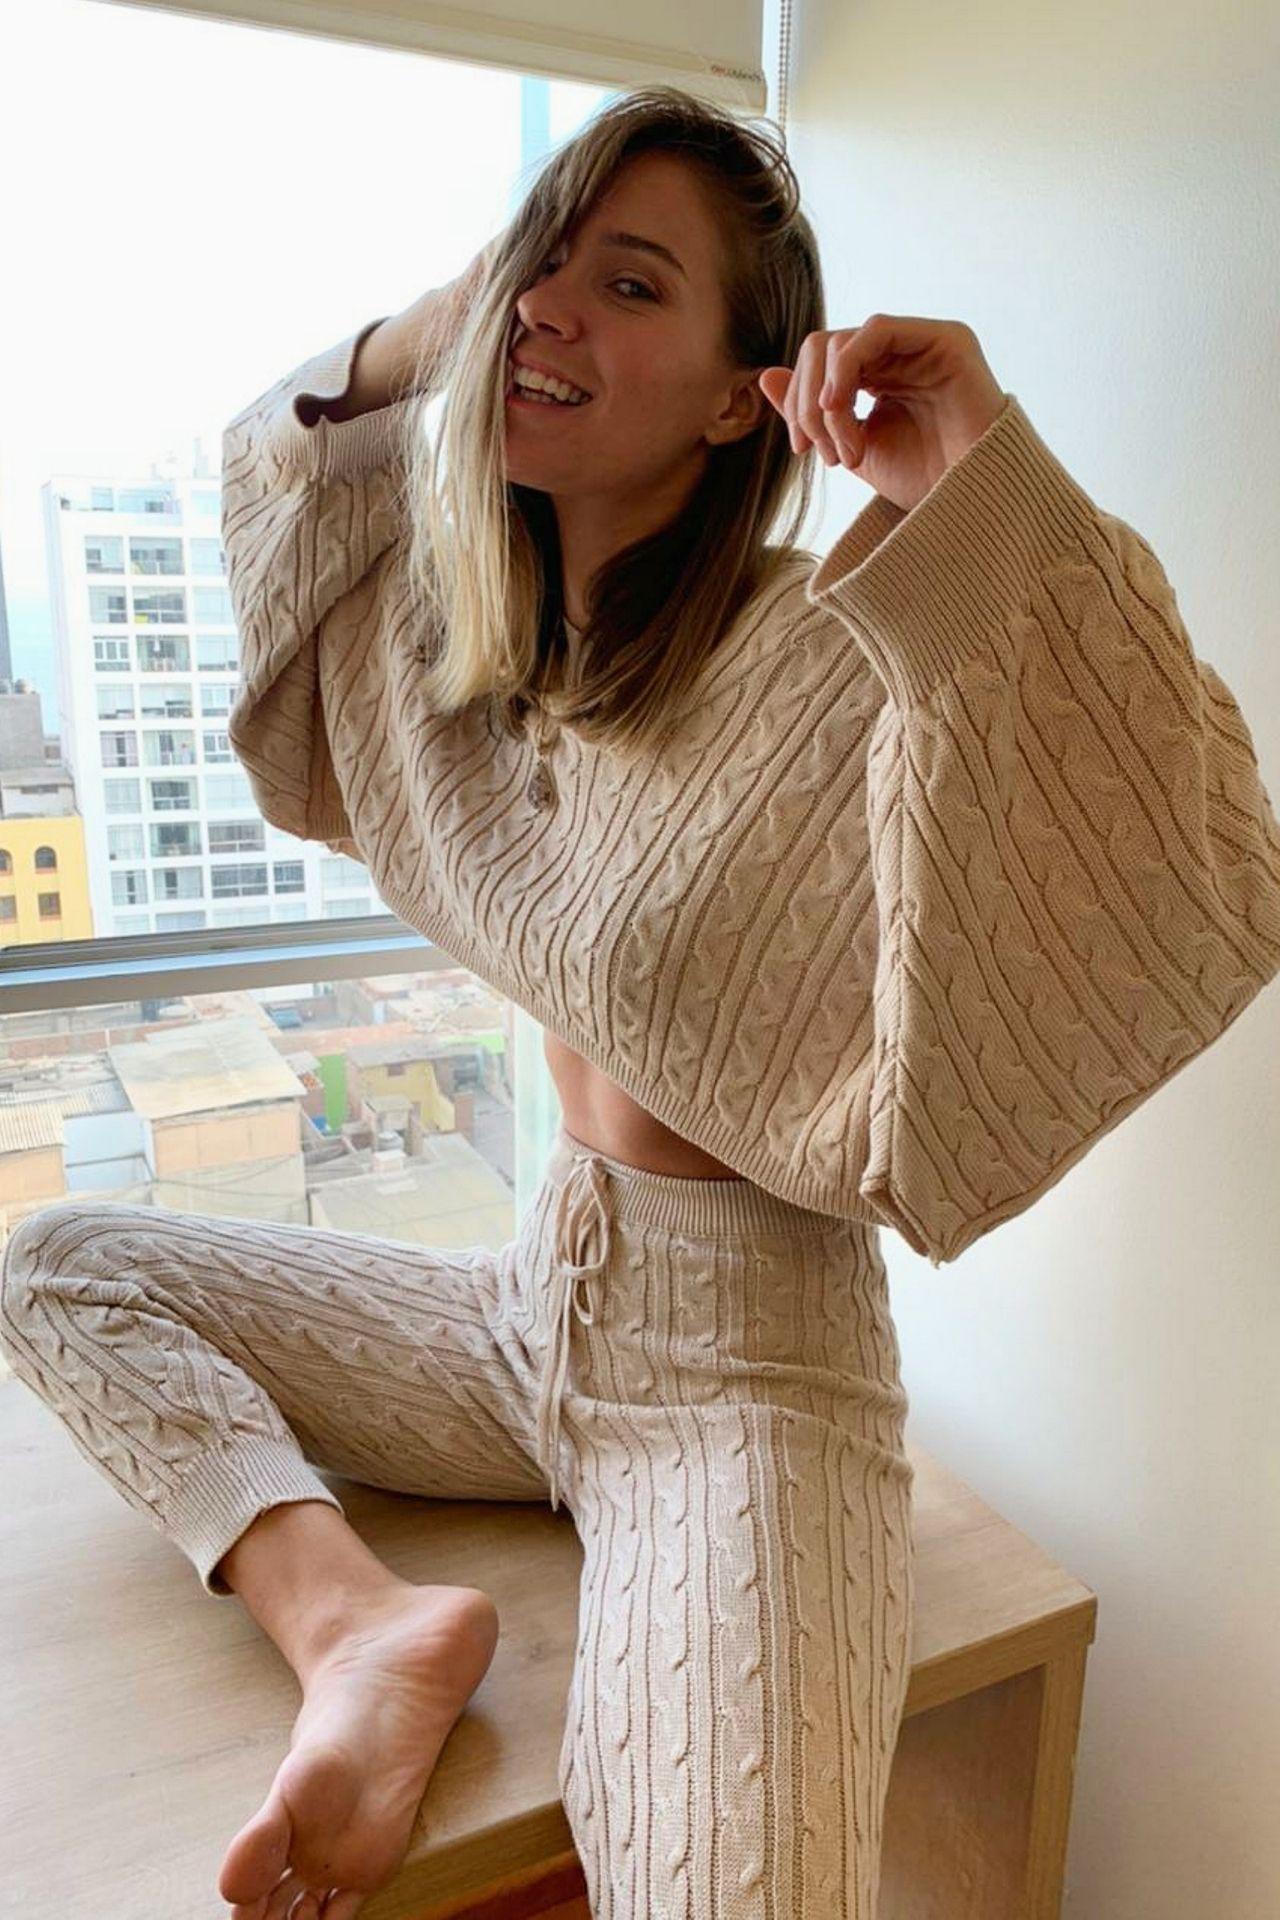 Sweater con mangas amplias y capucha, un #musthave para sentirnos cómodas esta temporada.  Diseño punto trenzado & canales.  Material : Hilo algodón peruano.  Busto: 90 cm